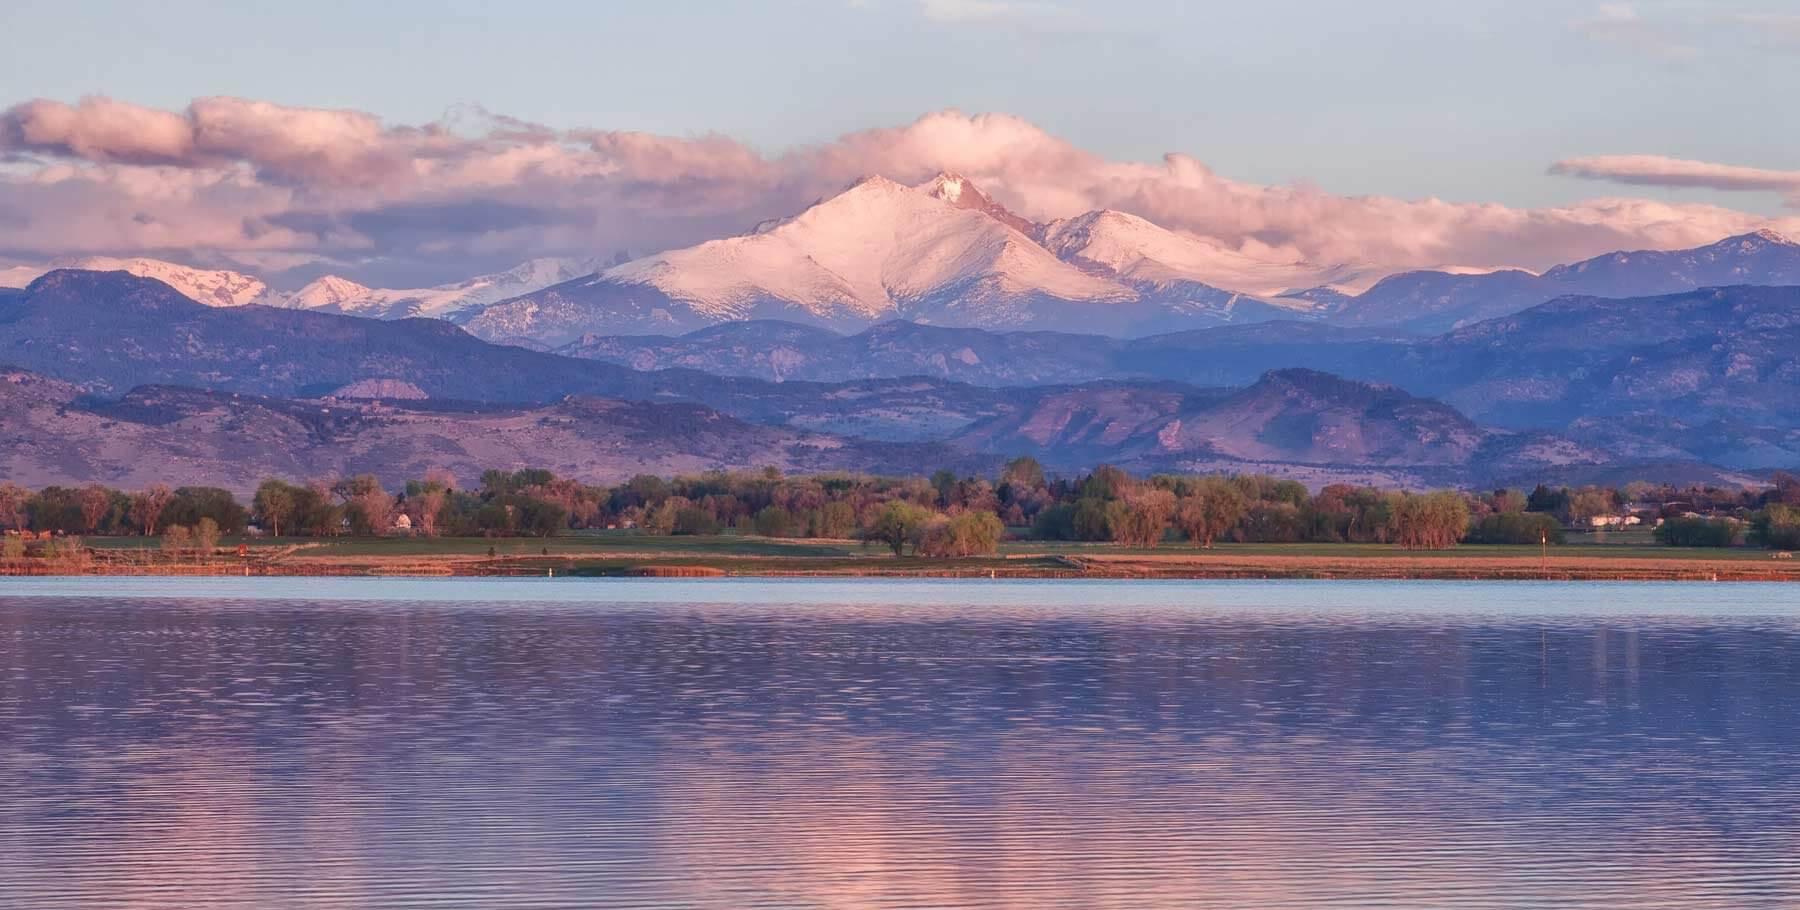 Mountains Behind a Lake